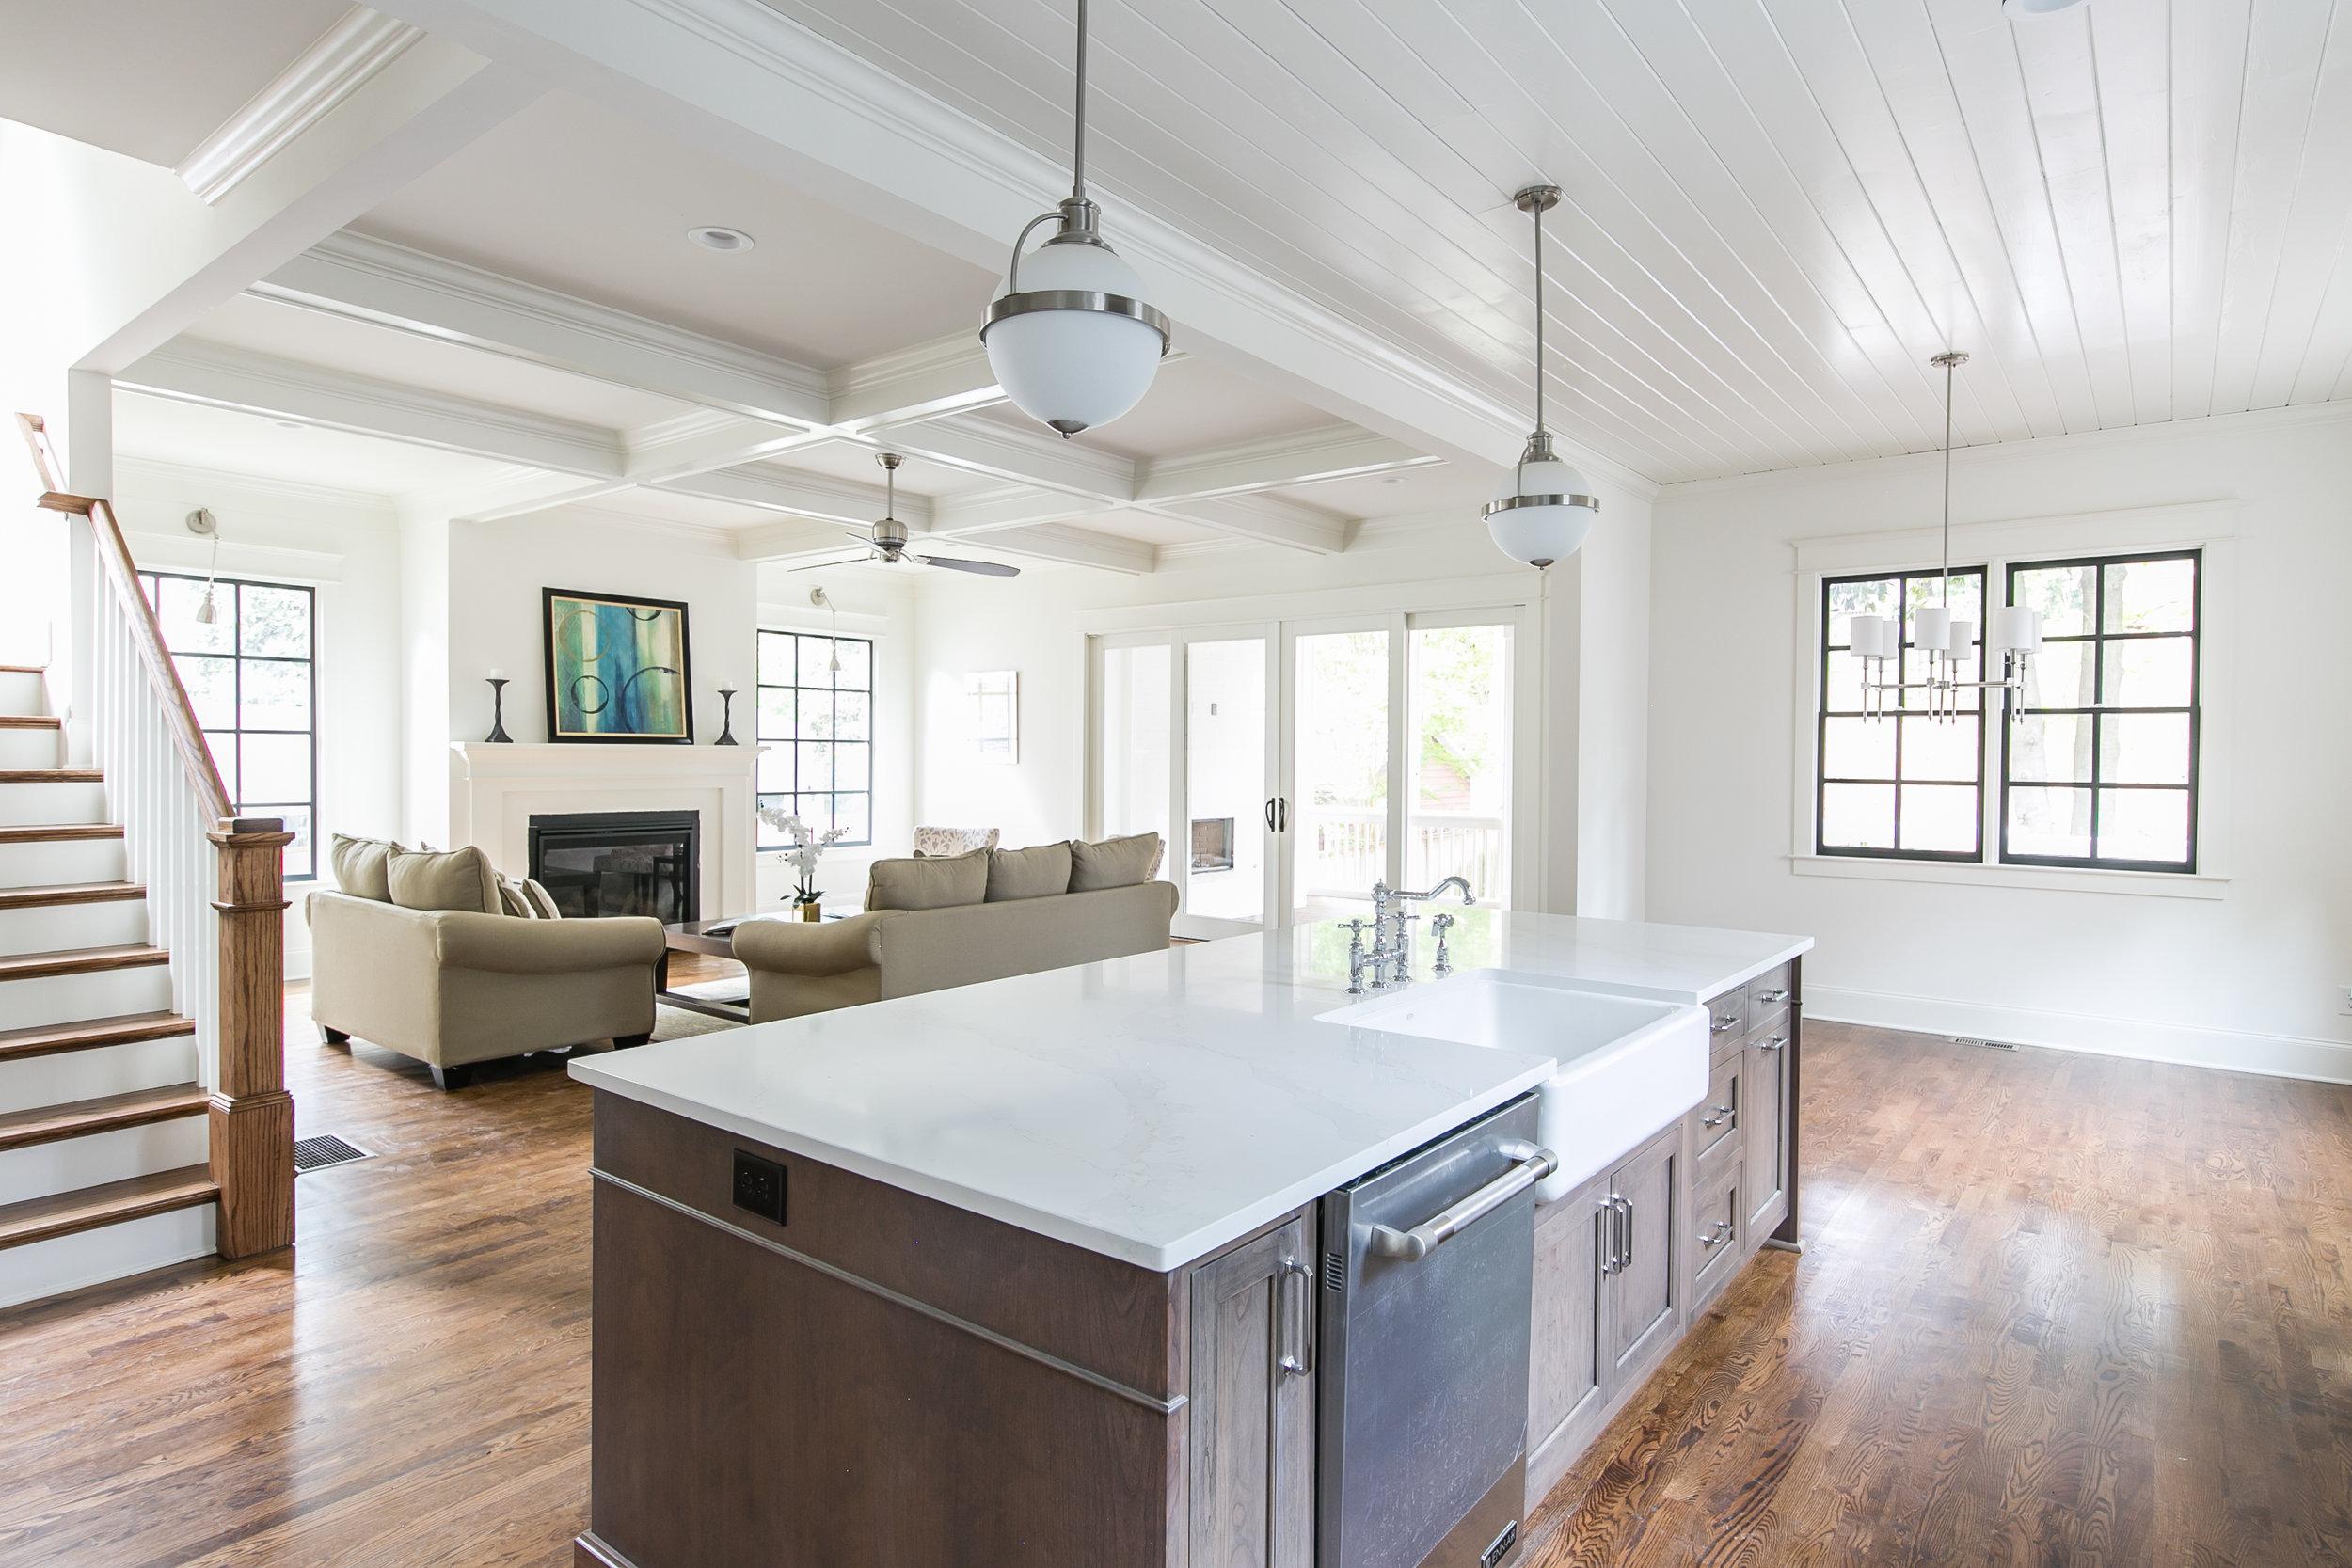 1388 N Morningside-Kitchen 3.jpg